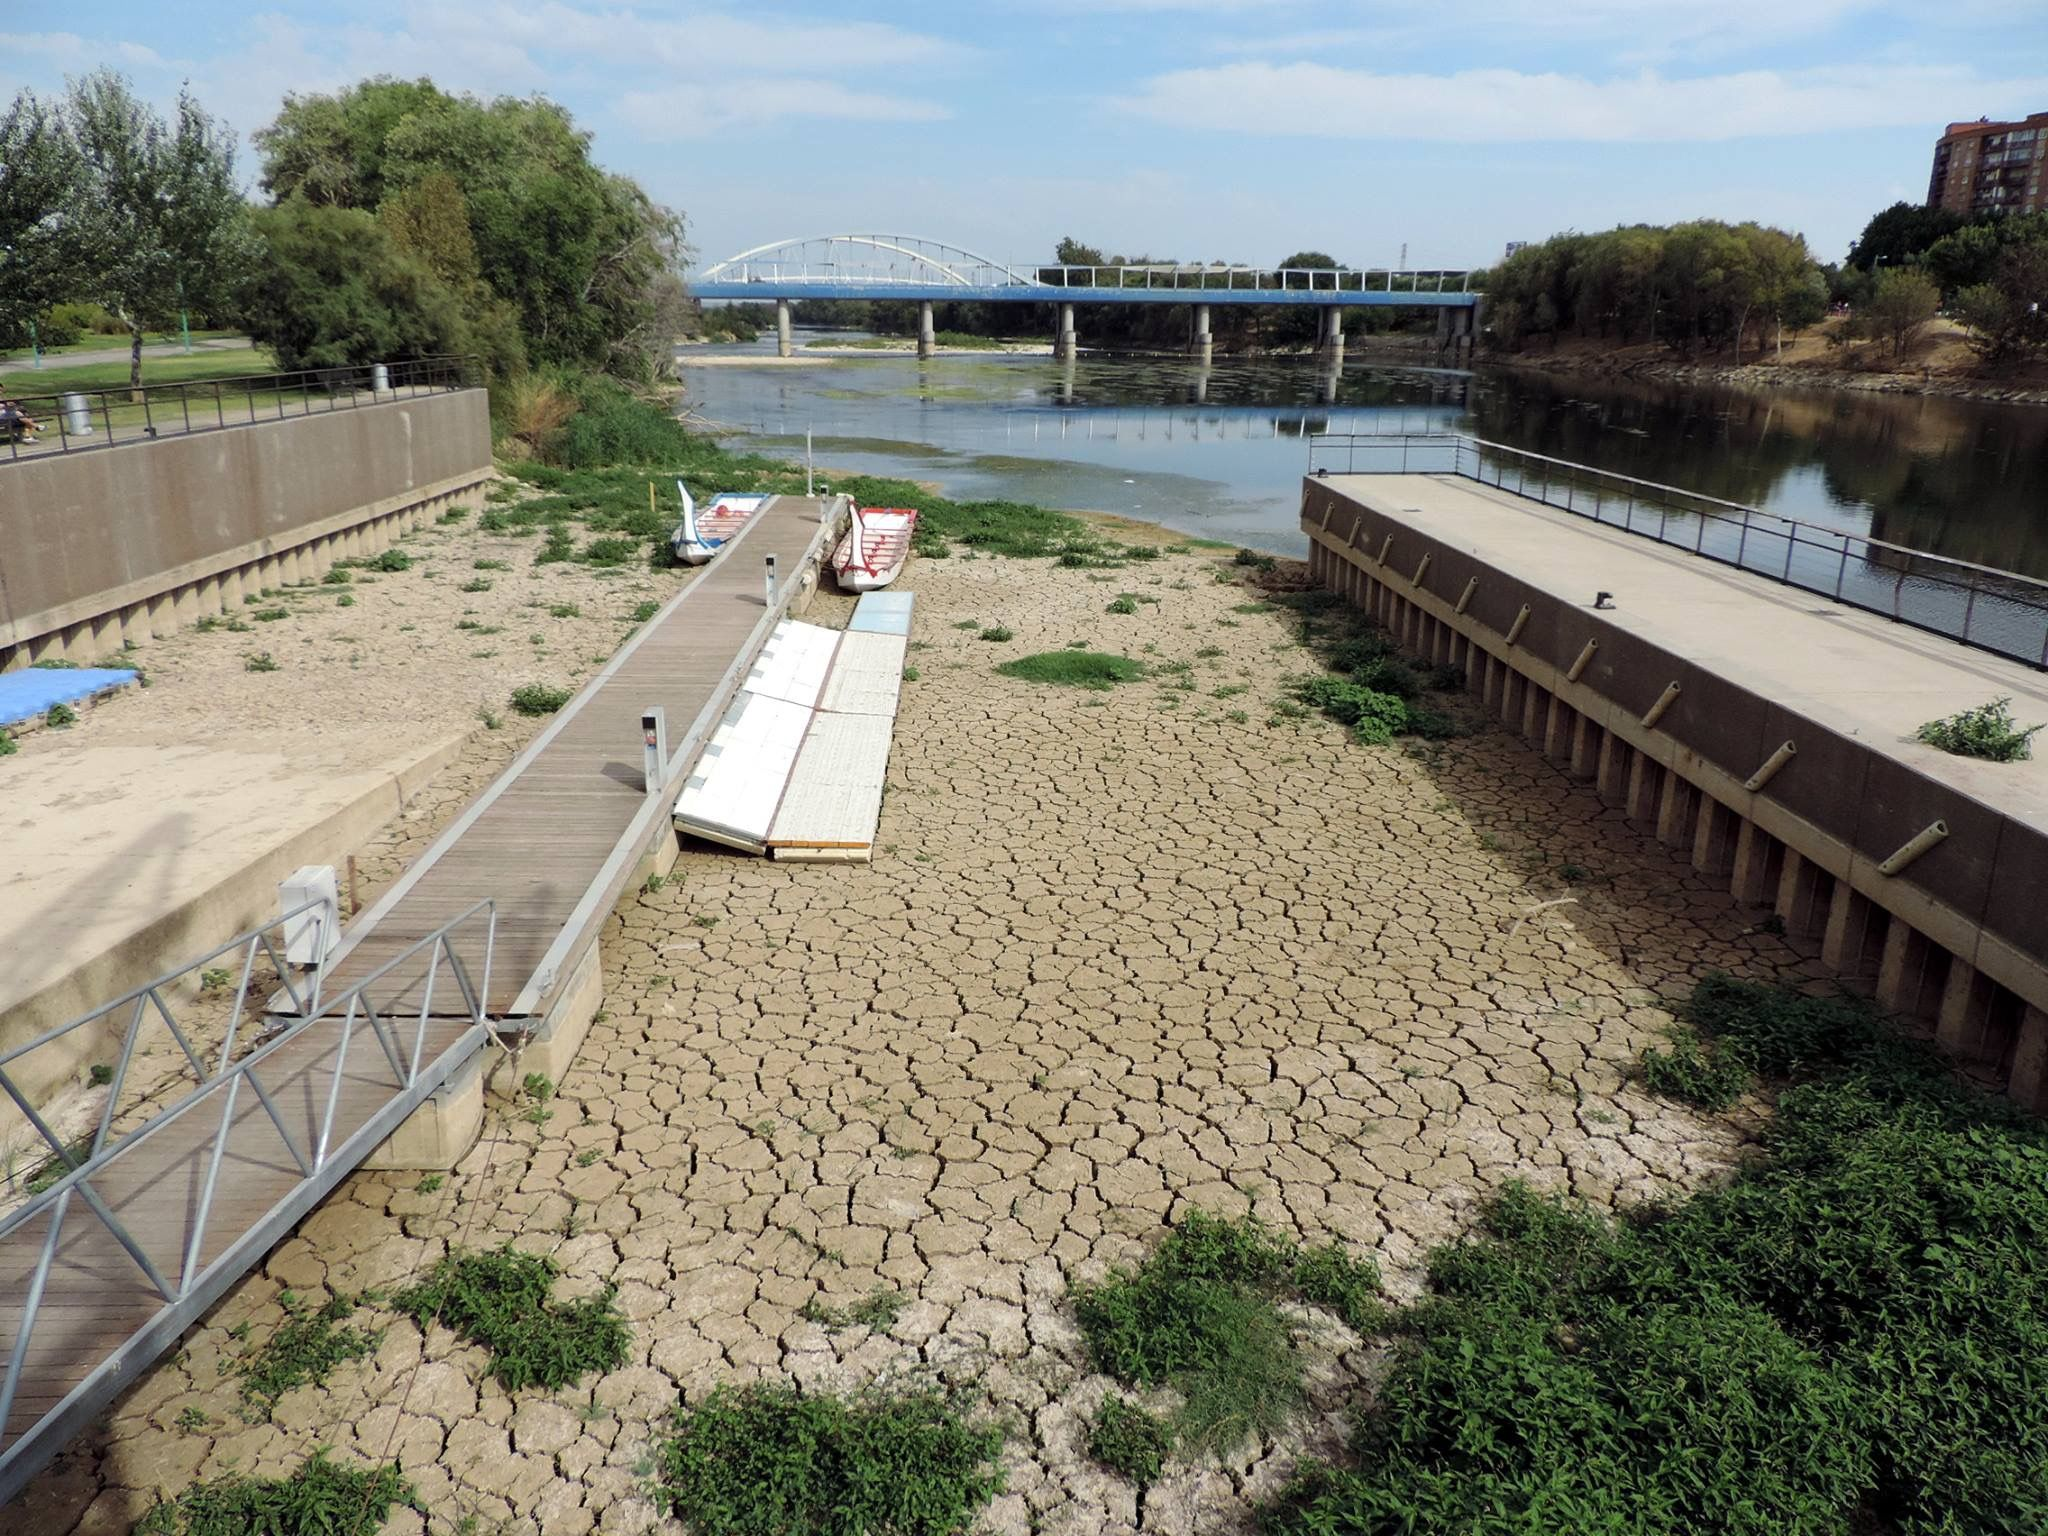 Río Ebro A Su Paso Por Zaragoza Casi Sin Agua Agosto De 2017 Zaragoza Ebro Fotos